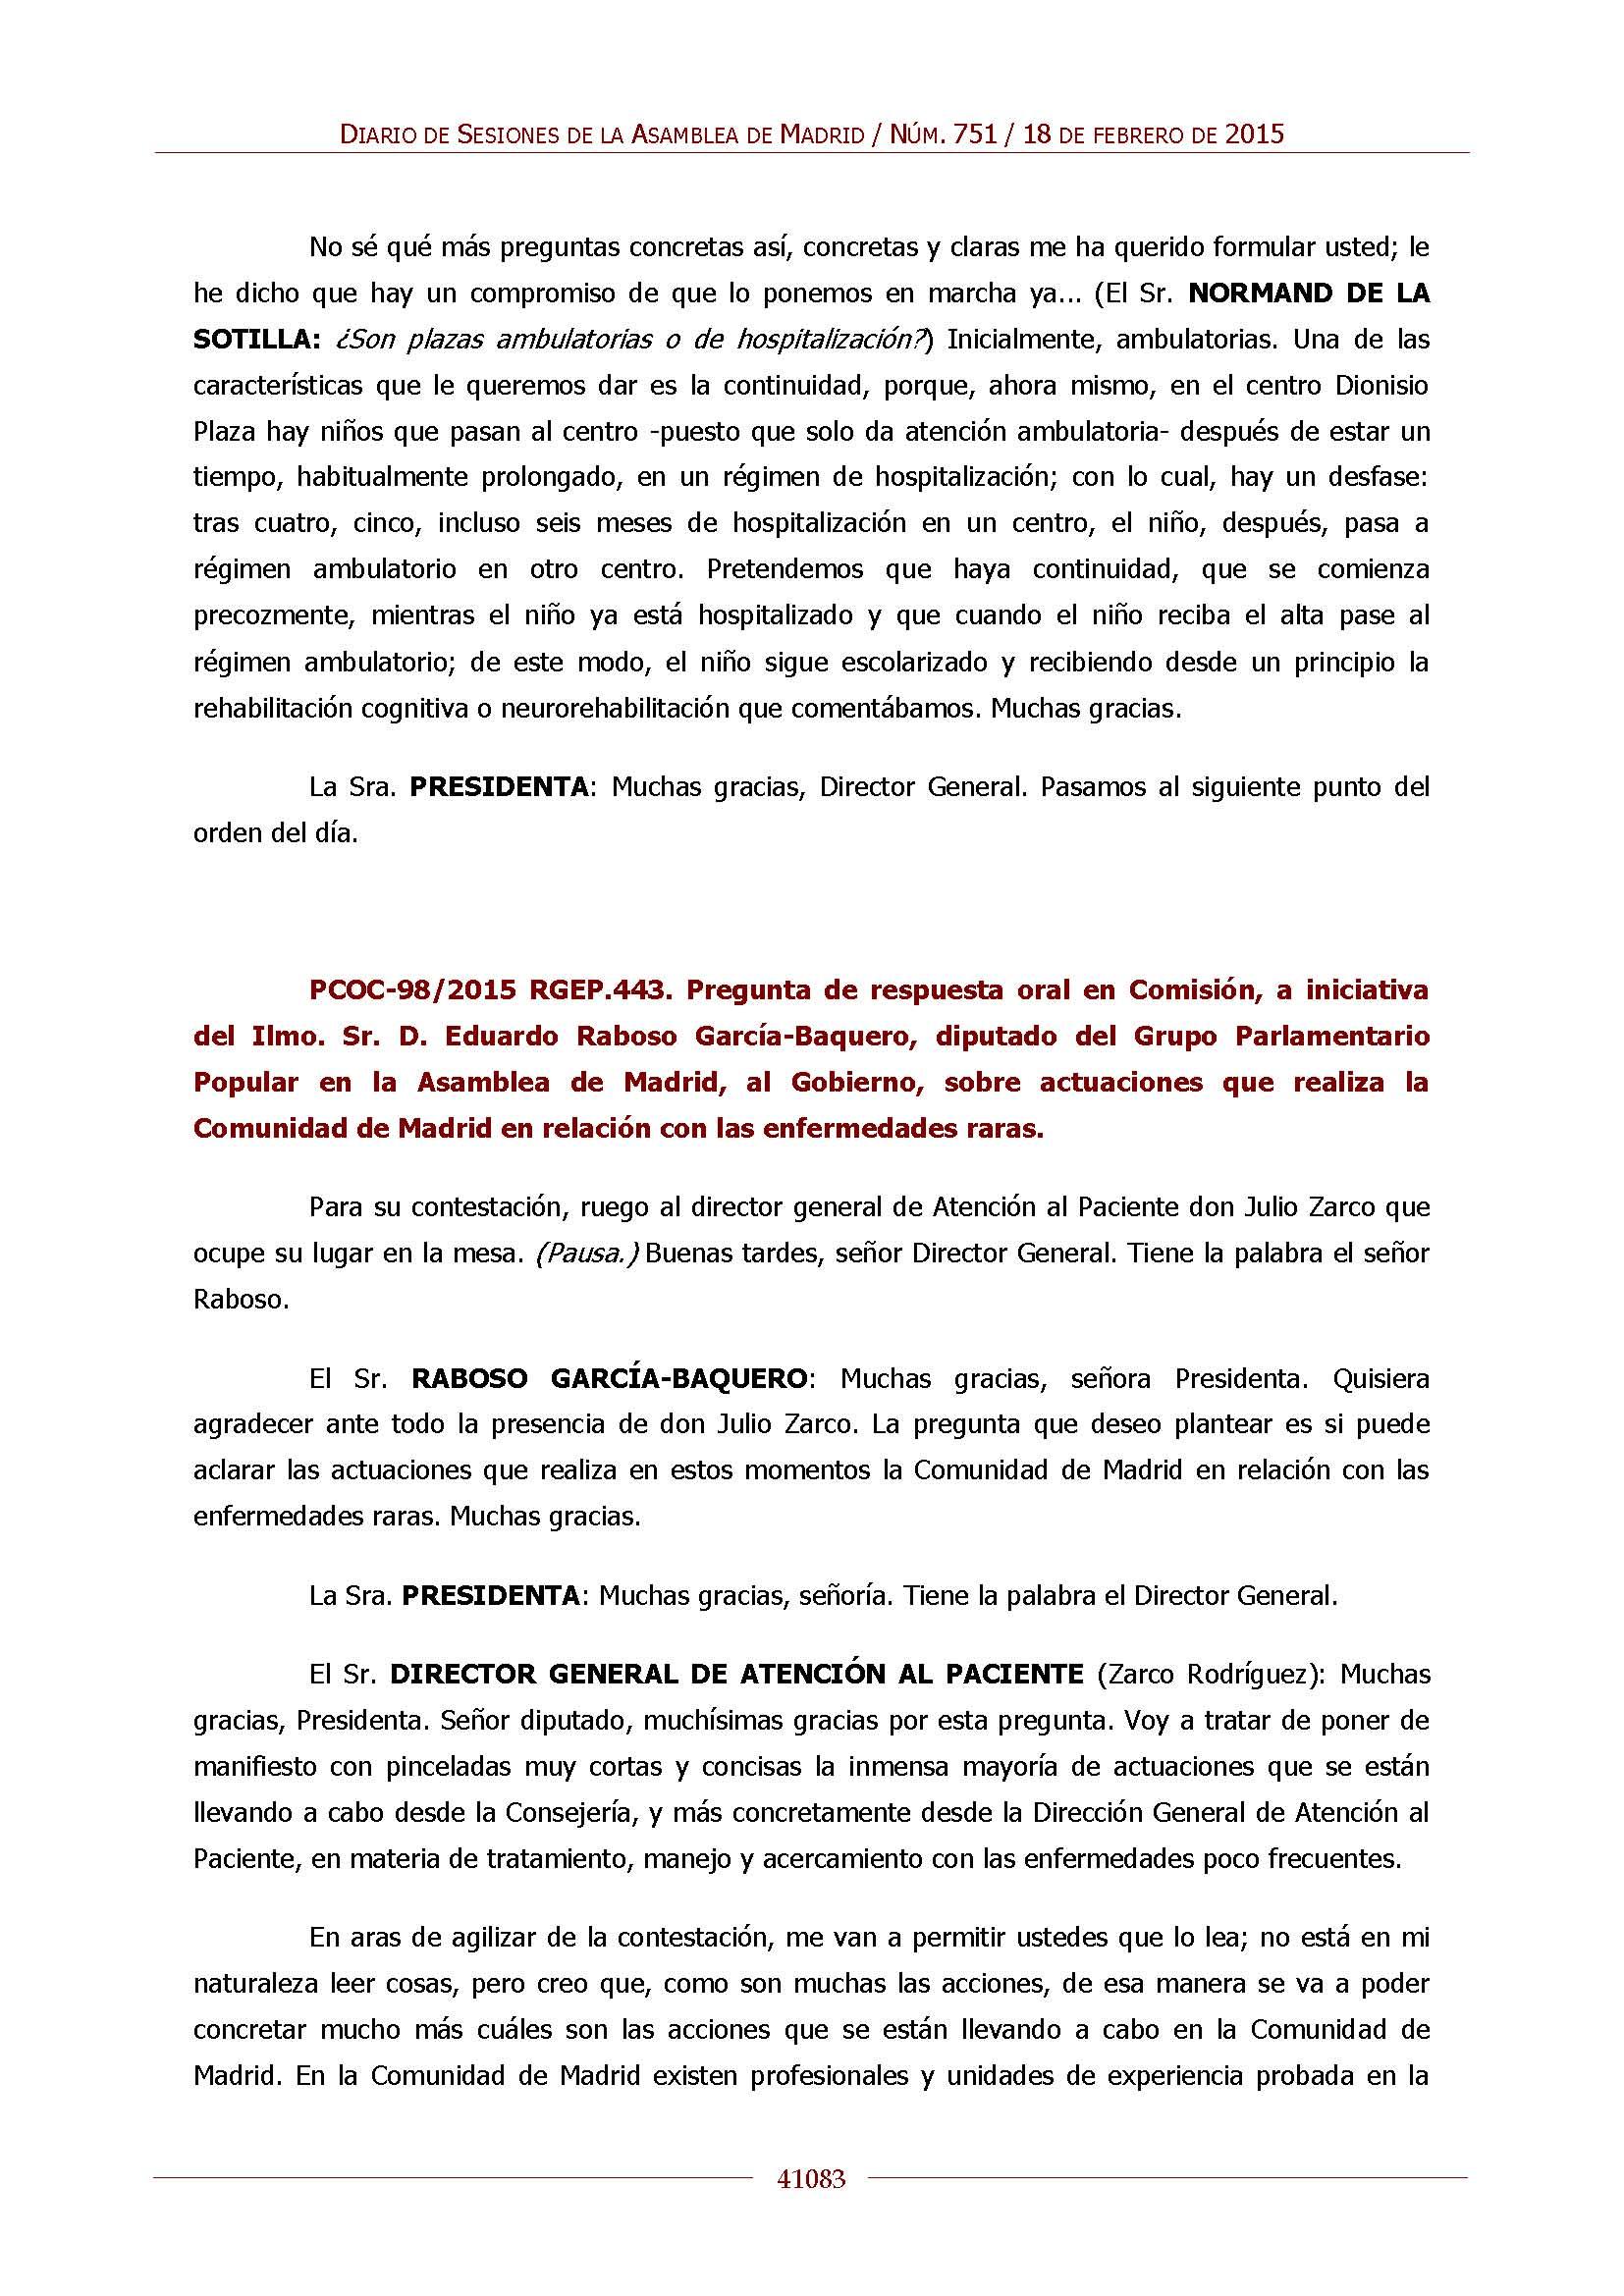 Diario Sesiones pregunta E Normand y respuesta IX-DS-751_Página_23